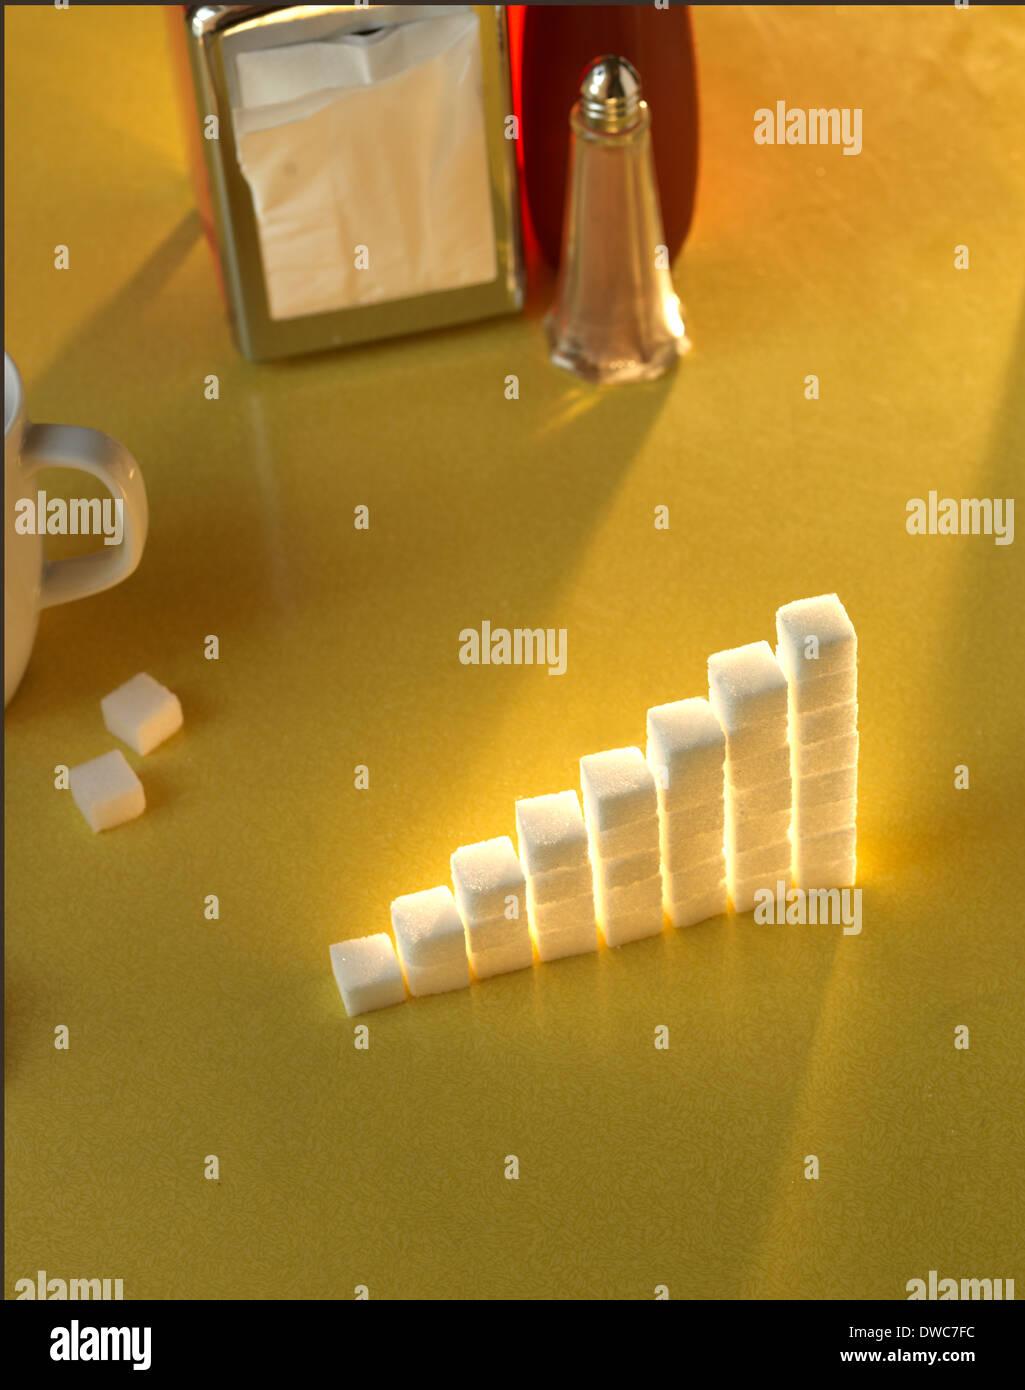 Pile de morceaux de sucre dans la forme d'un graphique sur une table jaune Photo Stock